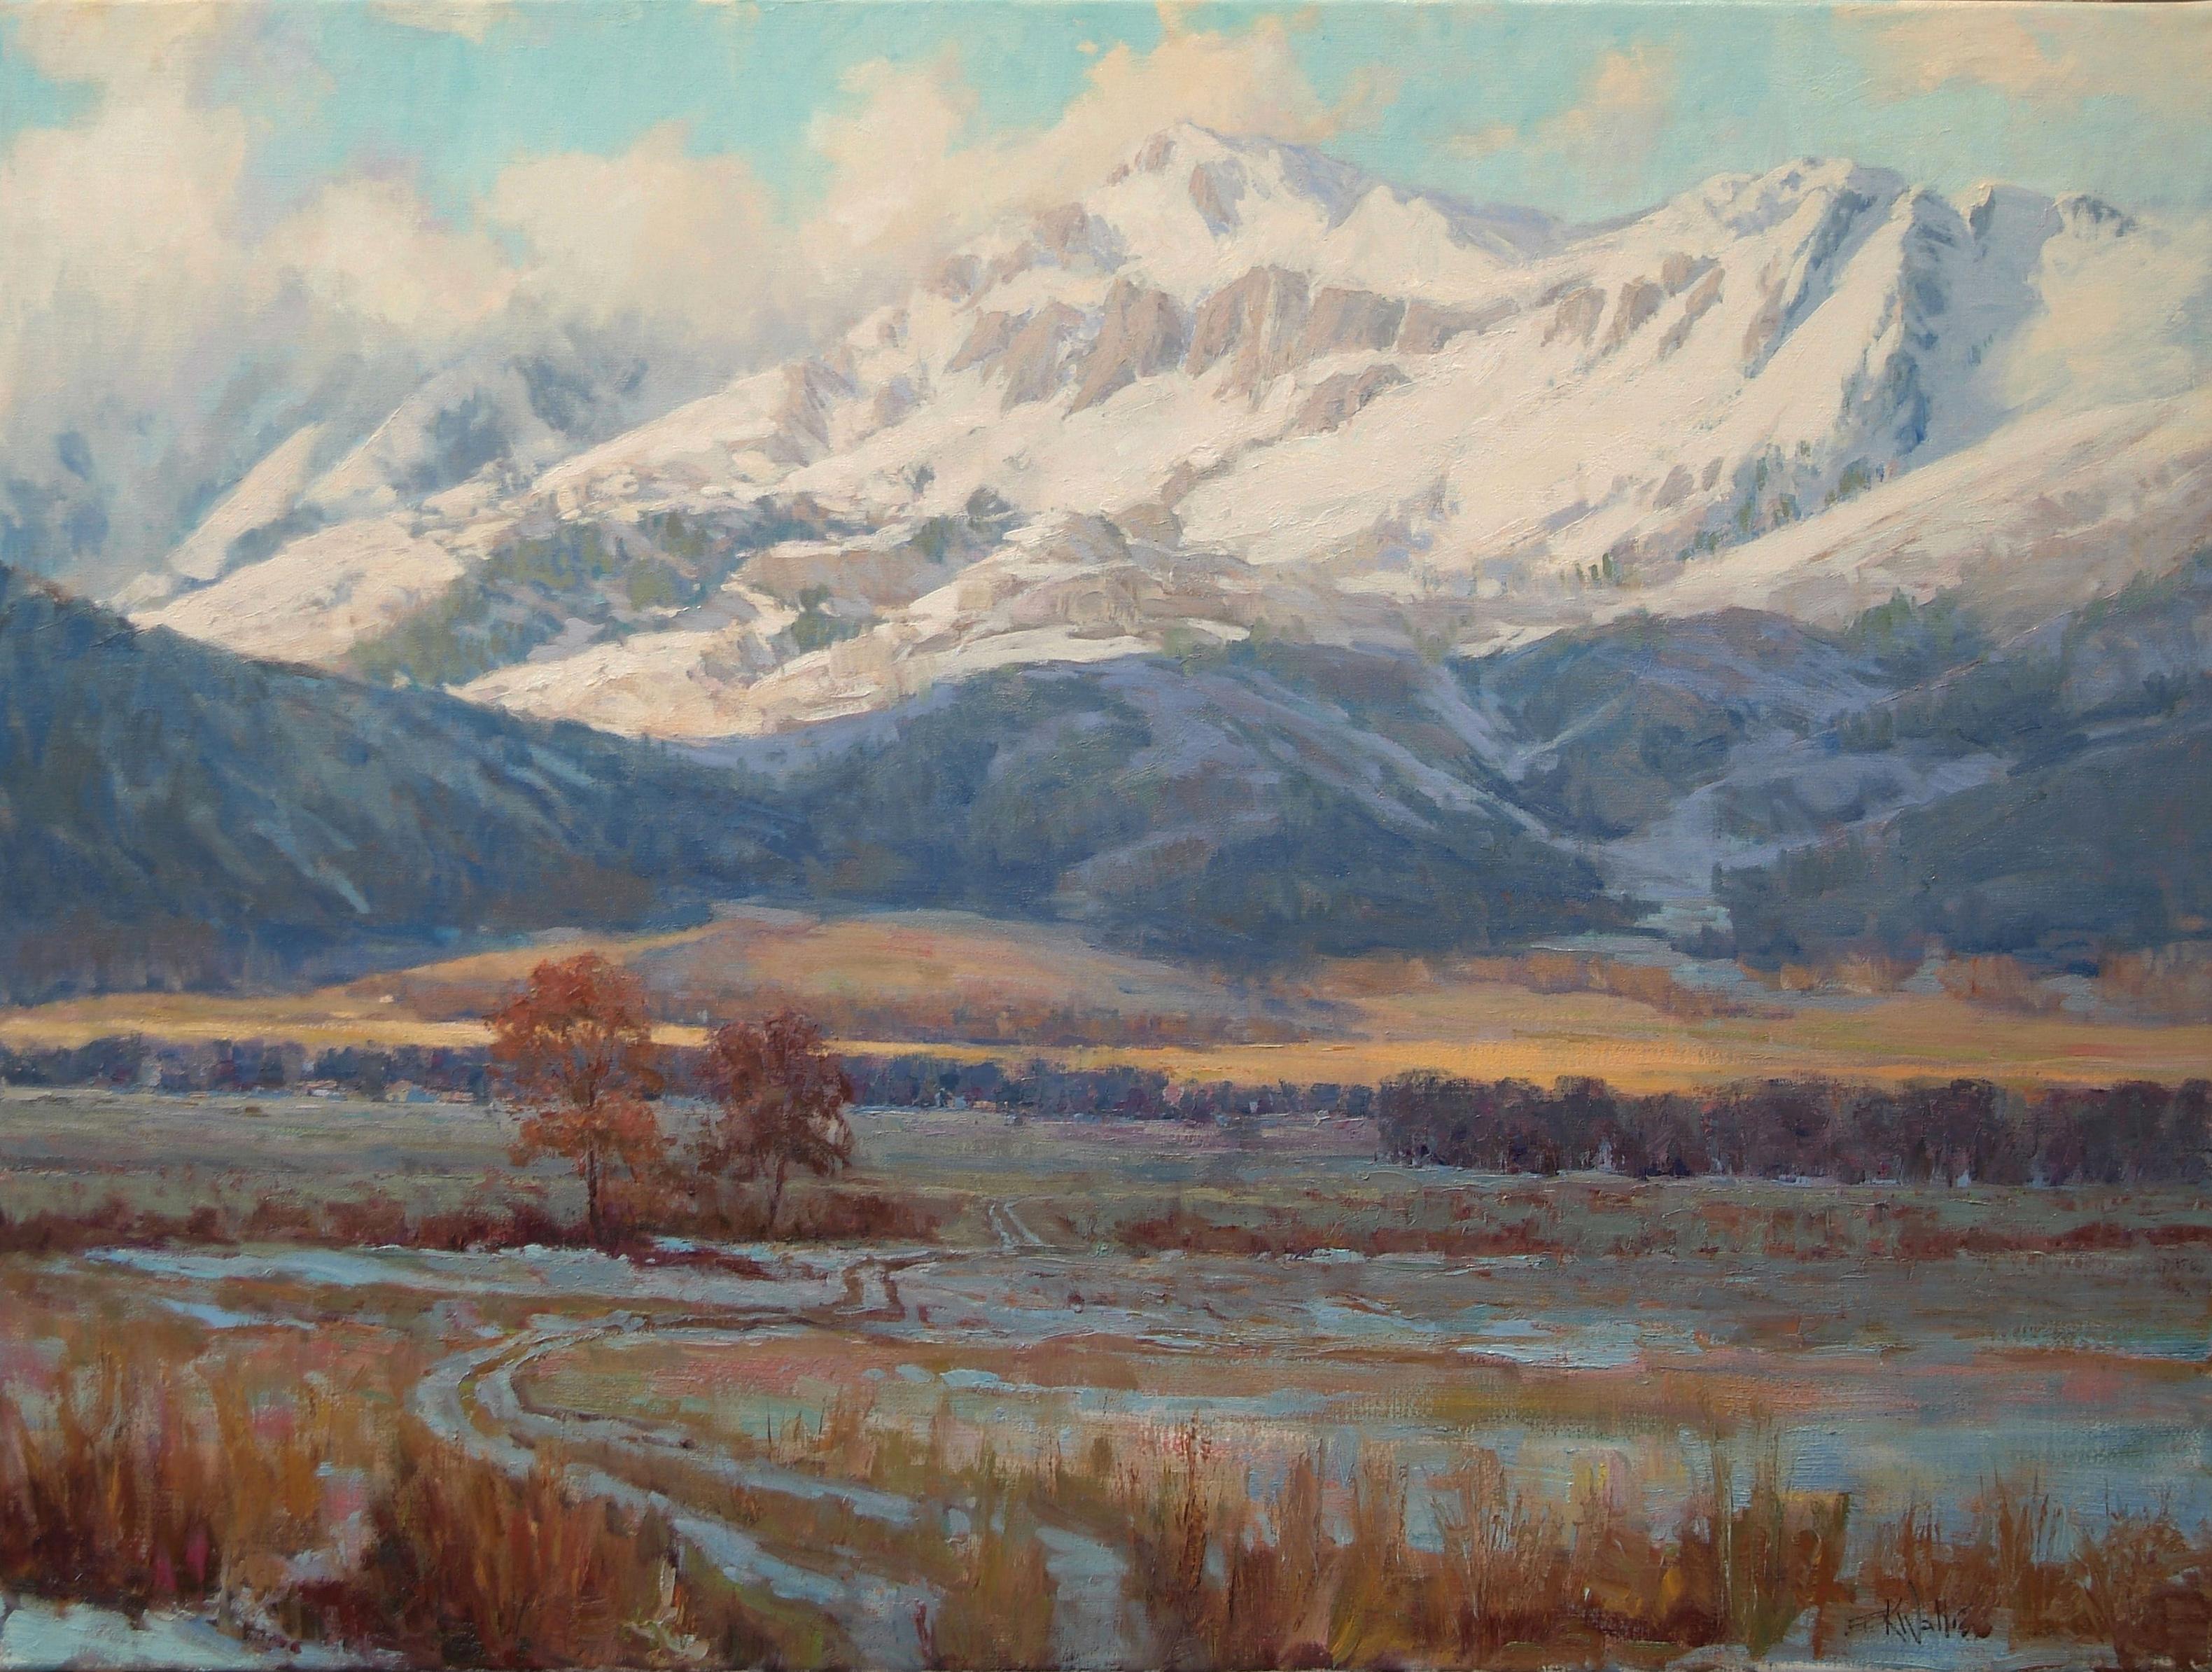 Eric Wallis - Sunlight on Mountain